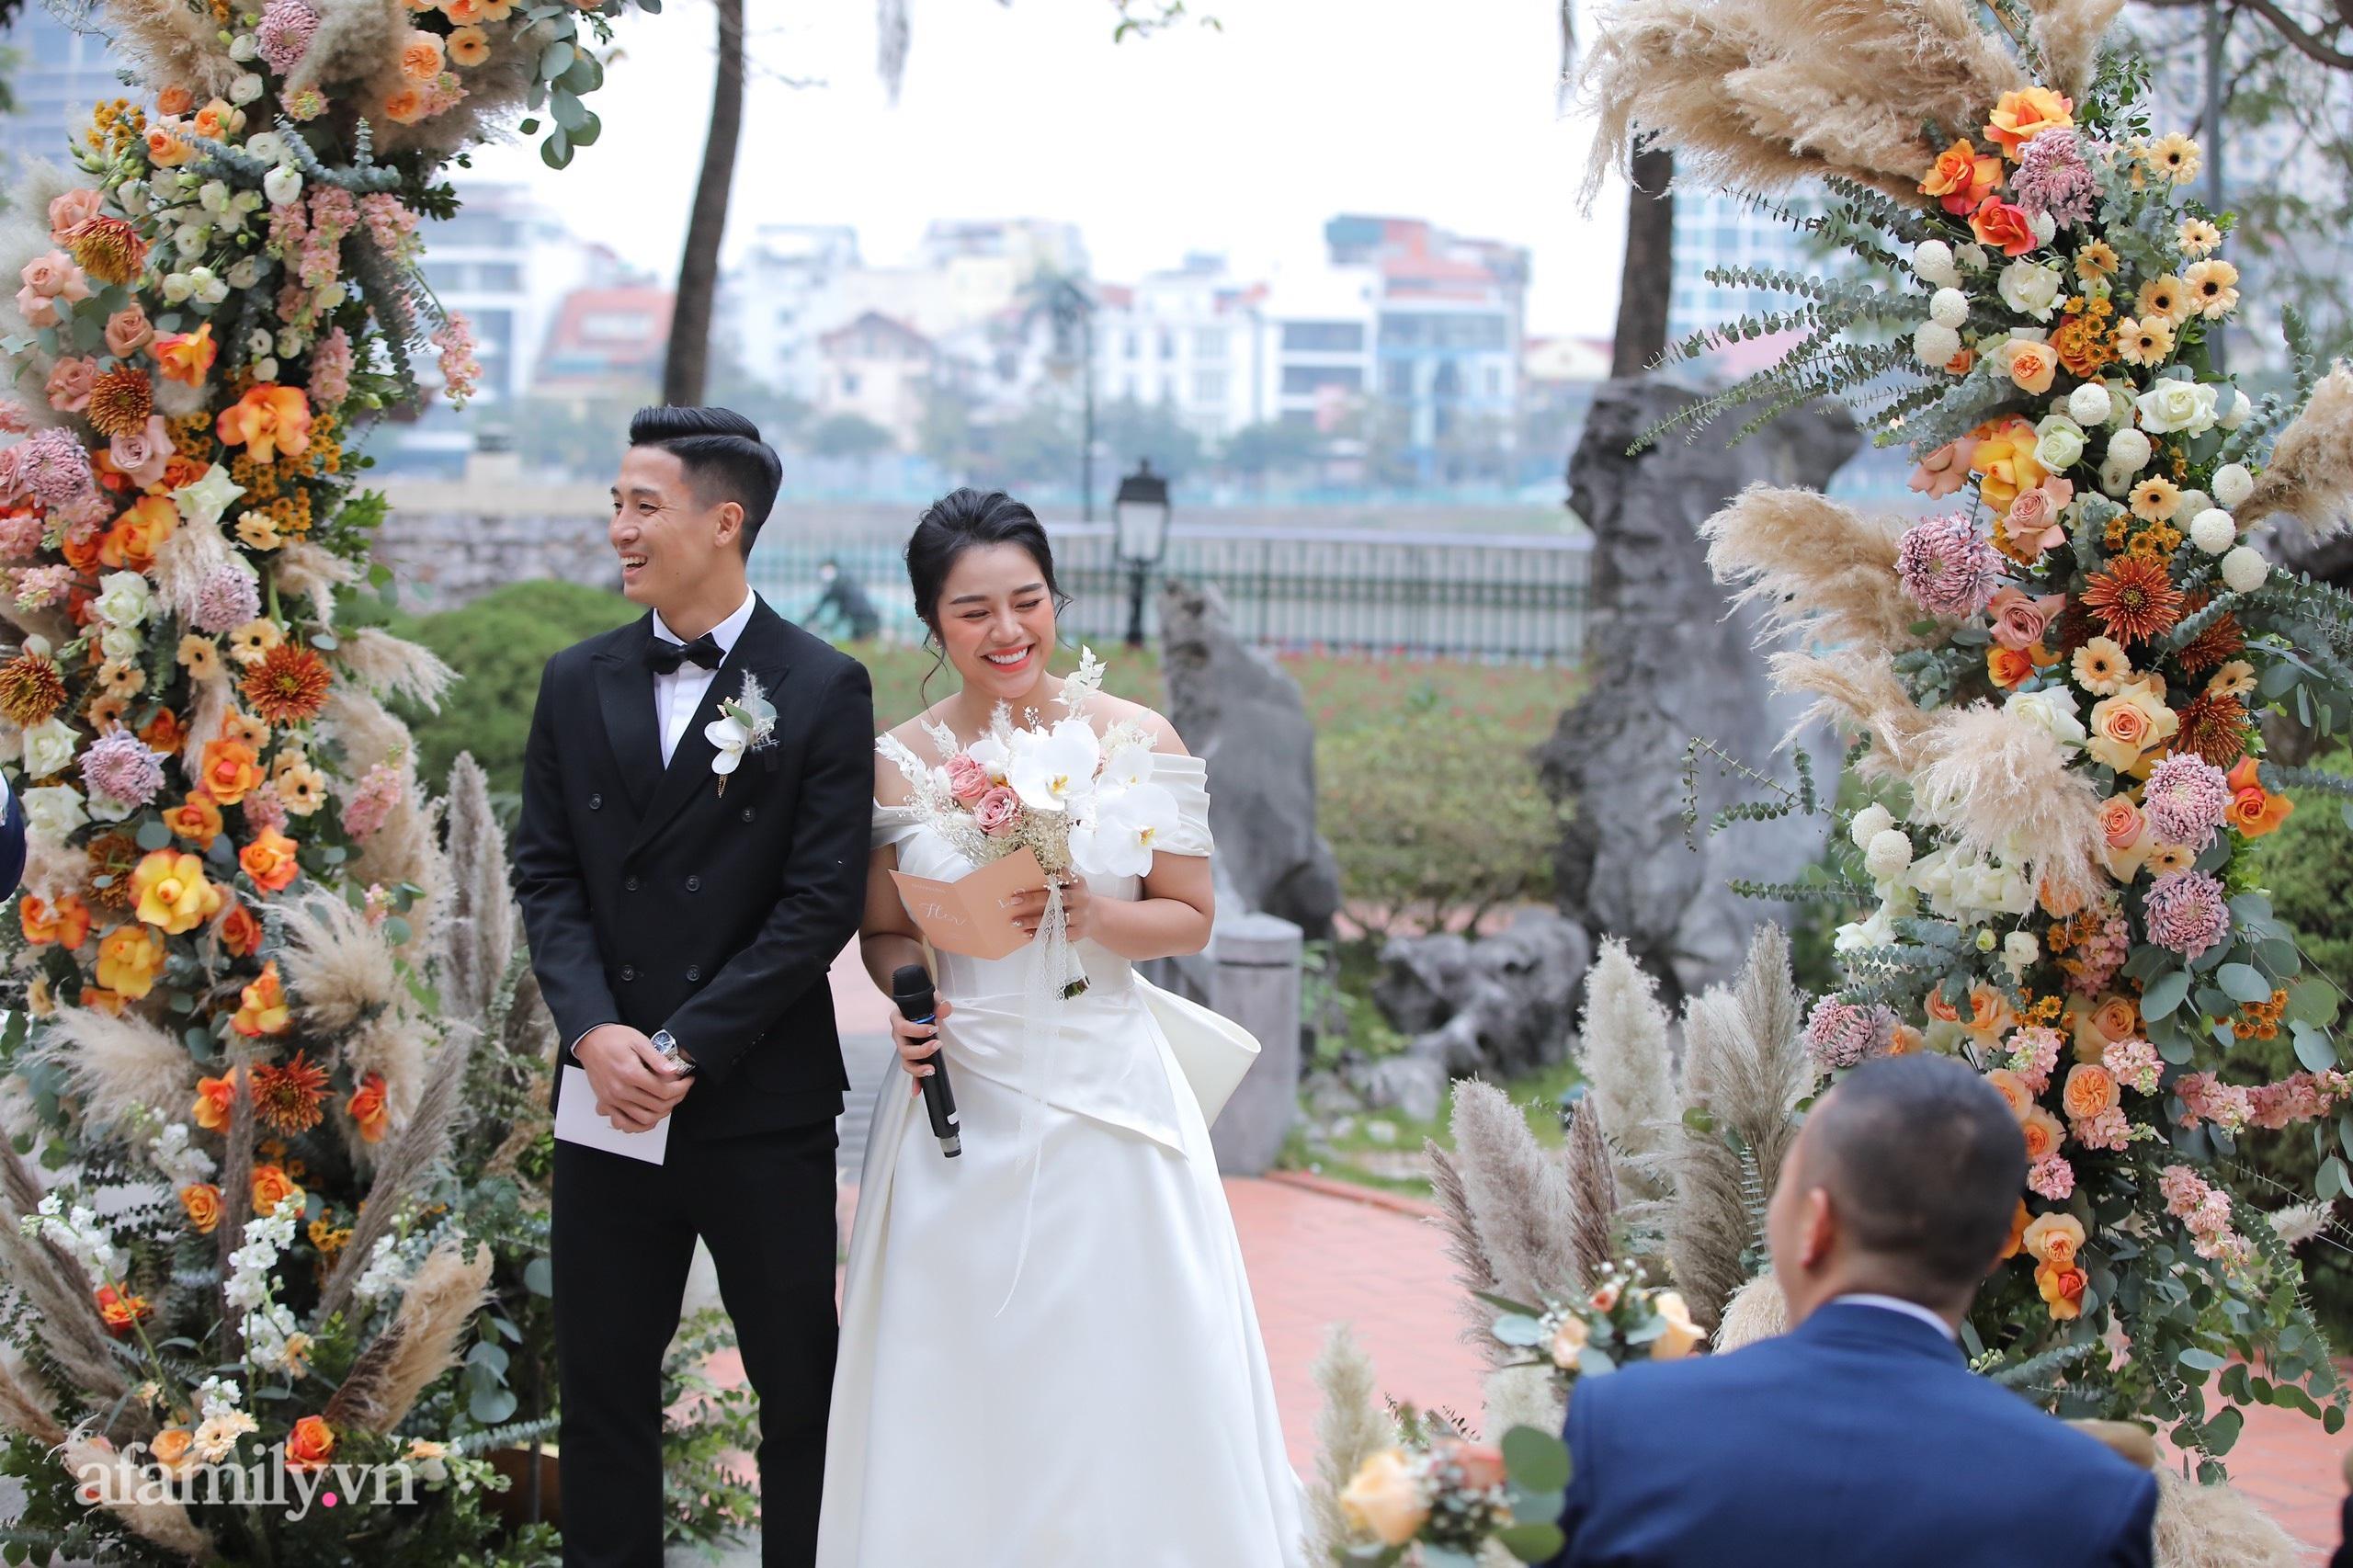 Đám cưới Bùi Tiến Dũng - Khánh Linh, cô dâu cười tươi rạng rỡ dù thời tiết Hà Nội đang rất lạnh-2